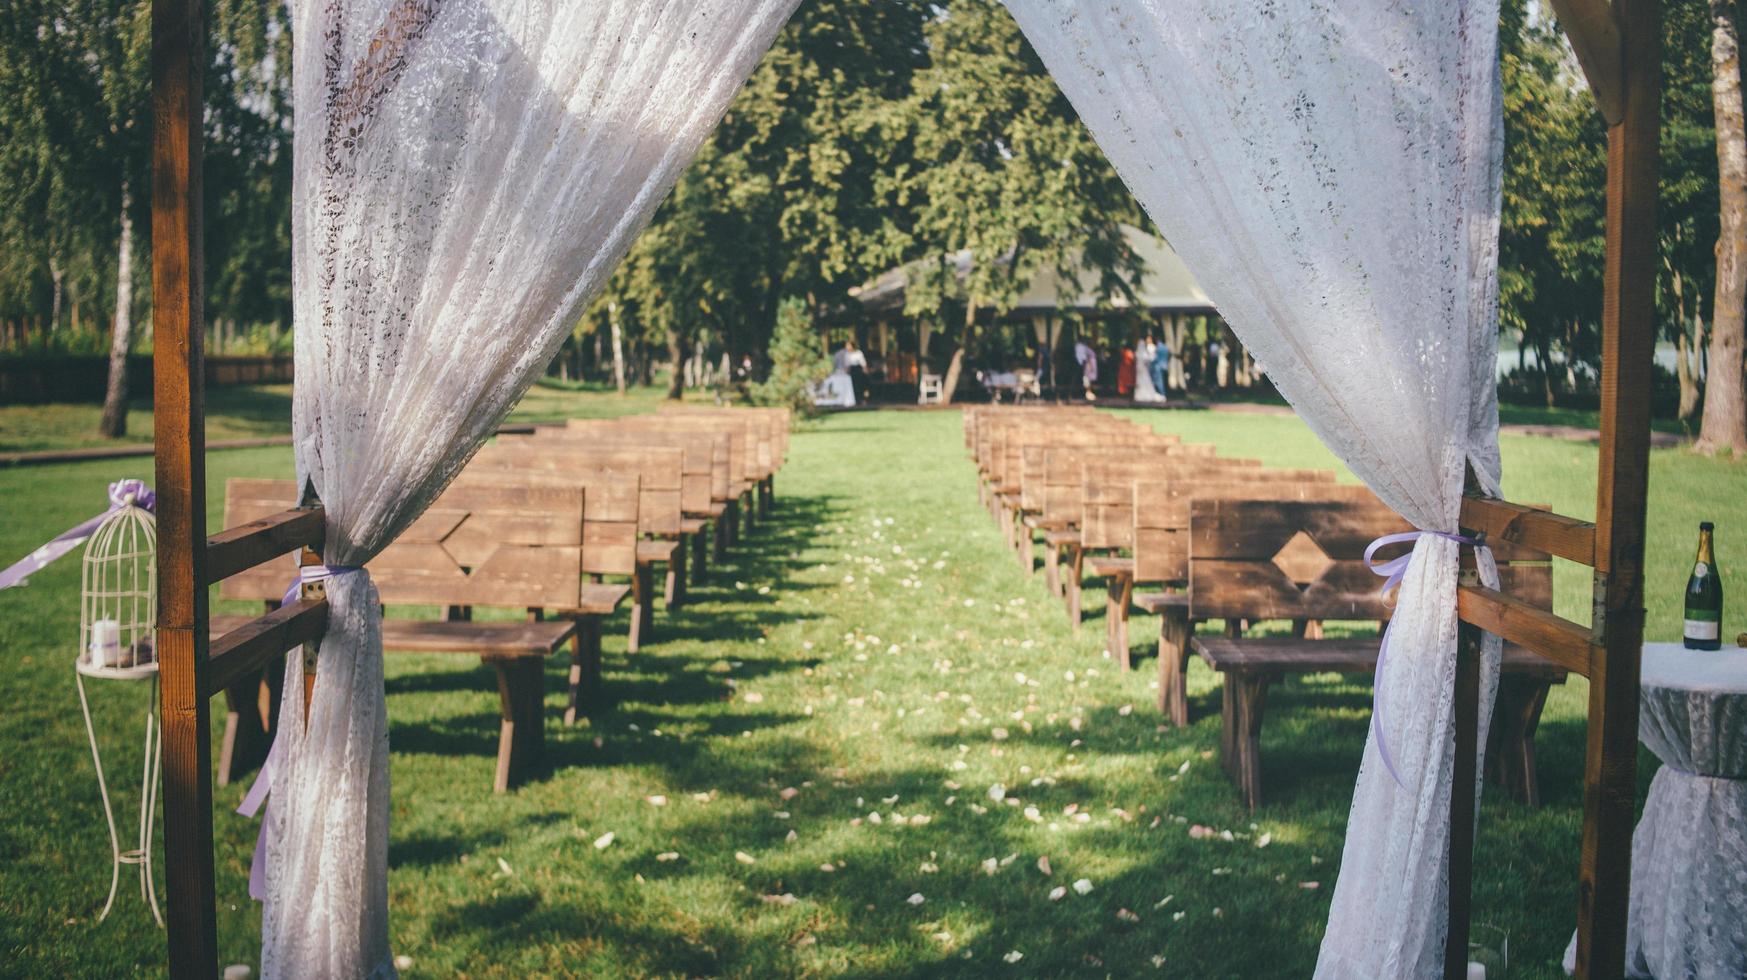 arco de casamento com festa de casamento ao fundo foto